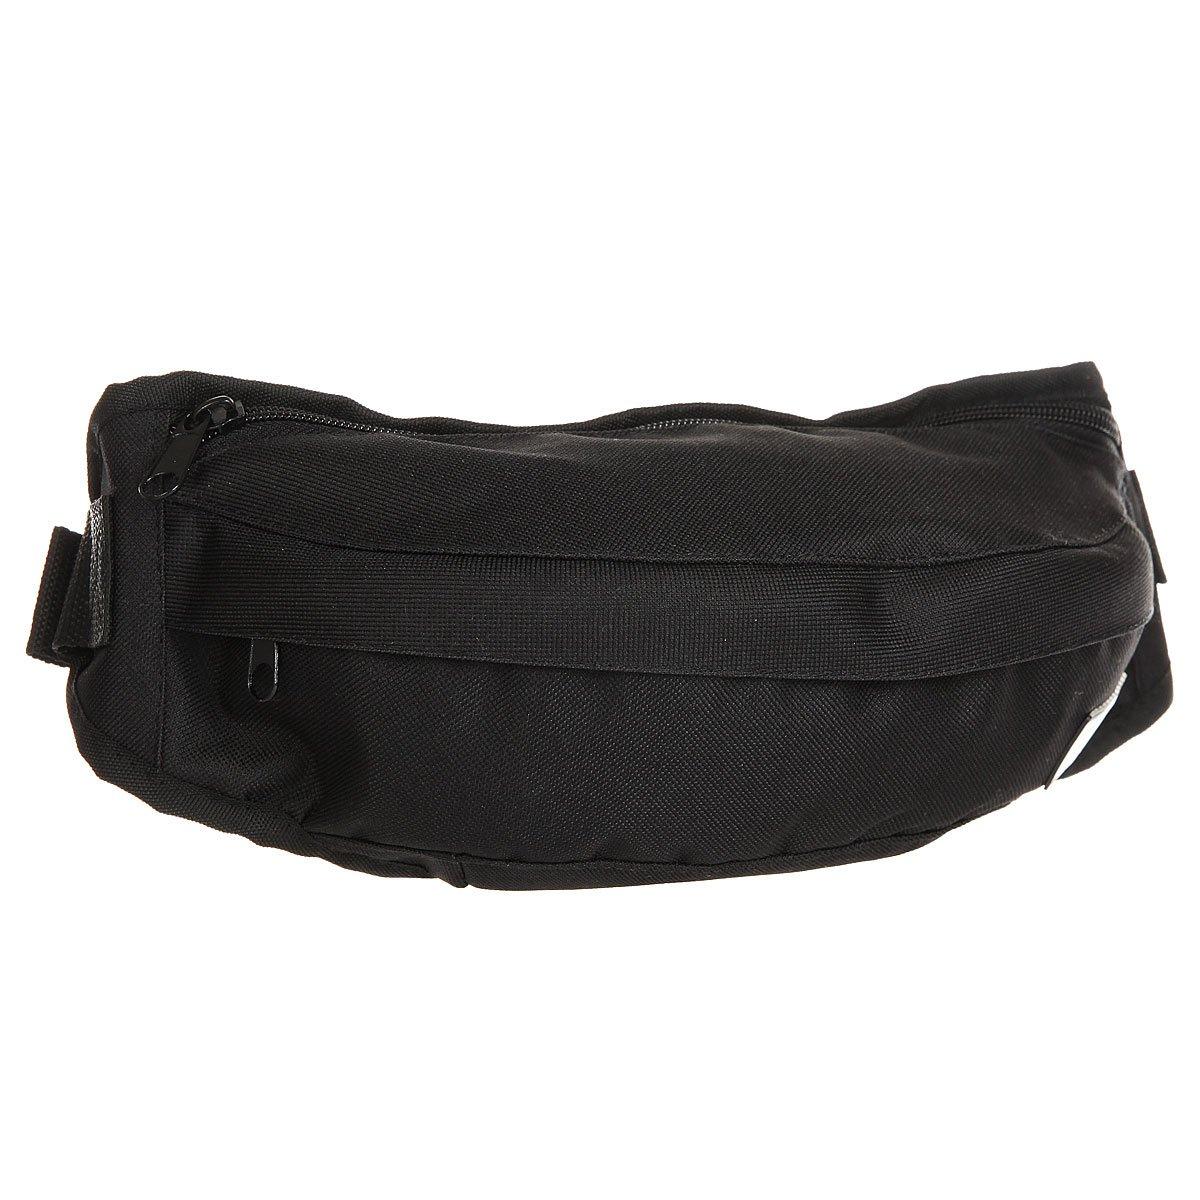 3784ce37744e Купить сумку поясная Transfer Banan Black в интернет-магазине ...